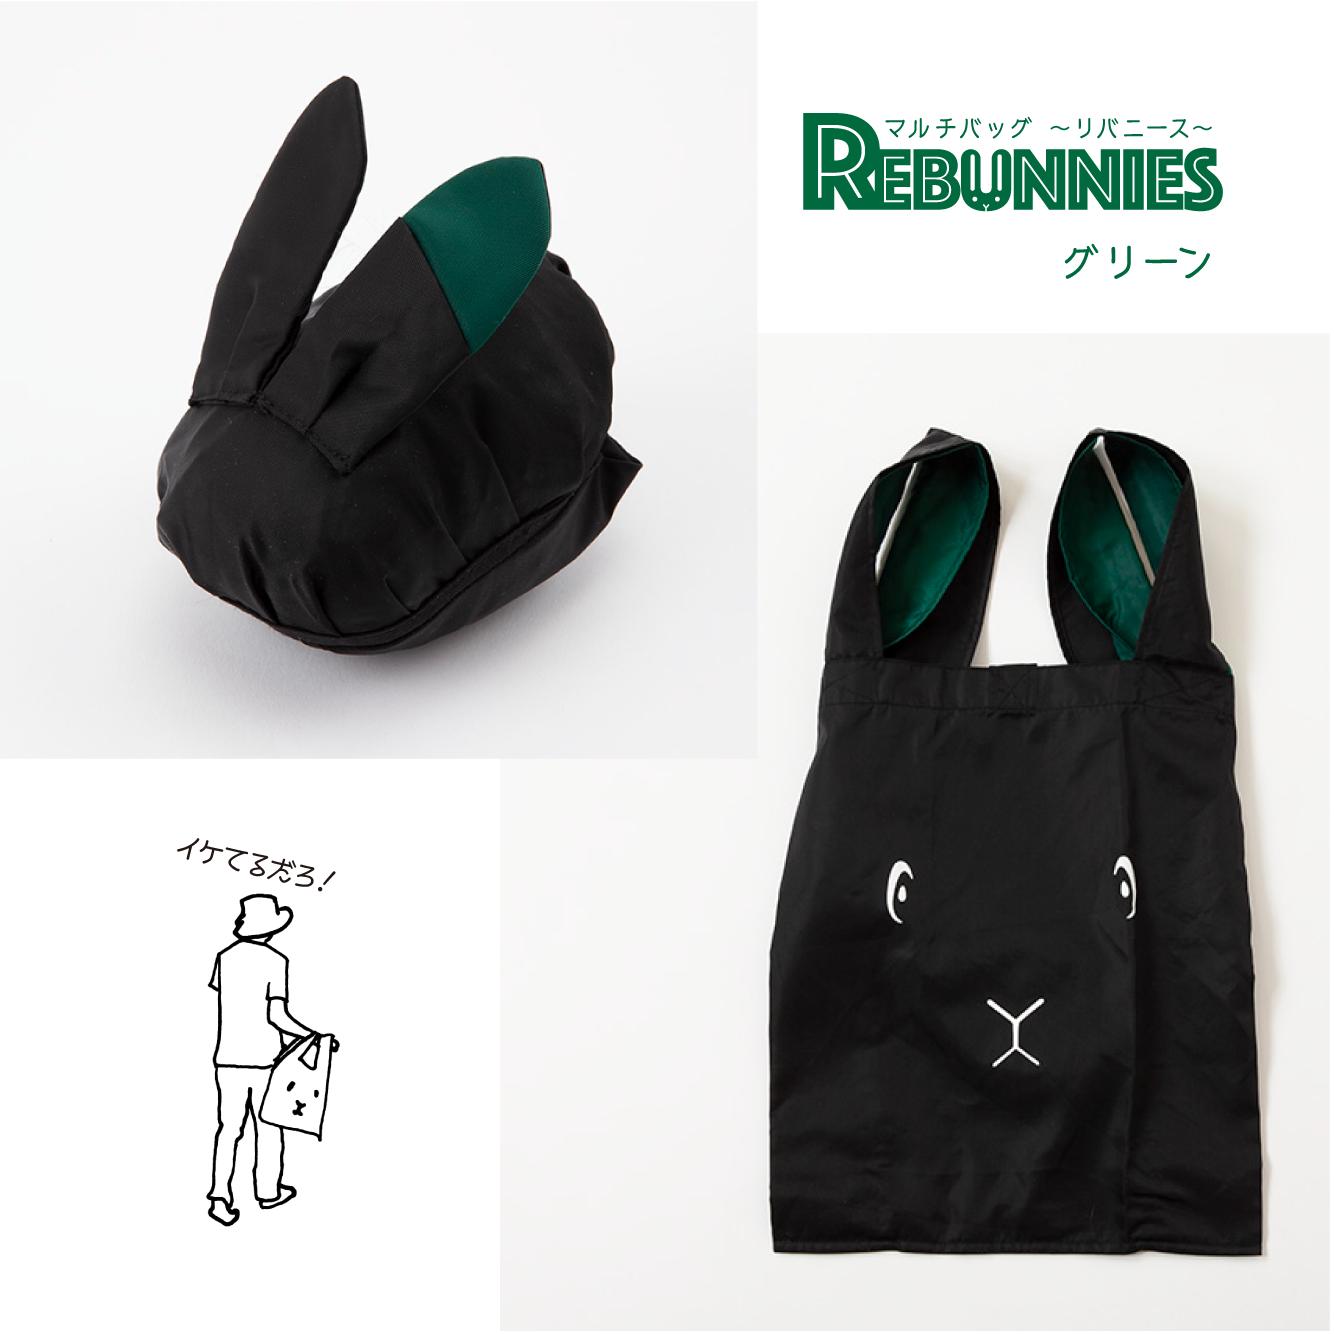 うさぎがウサギに変身するバッグ REBUNNIES(リバニース)グリーン